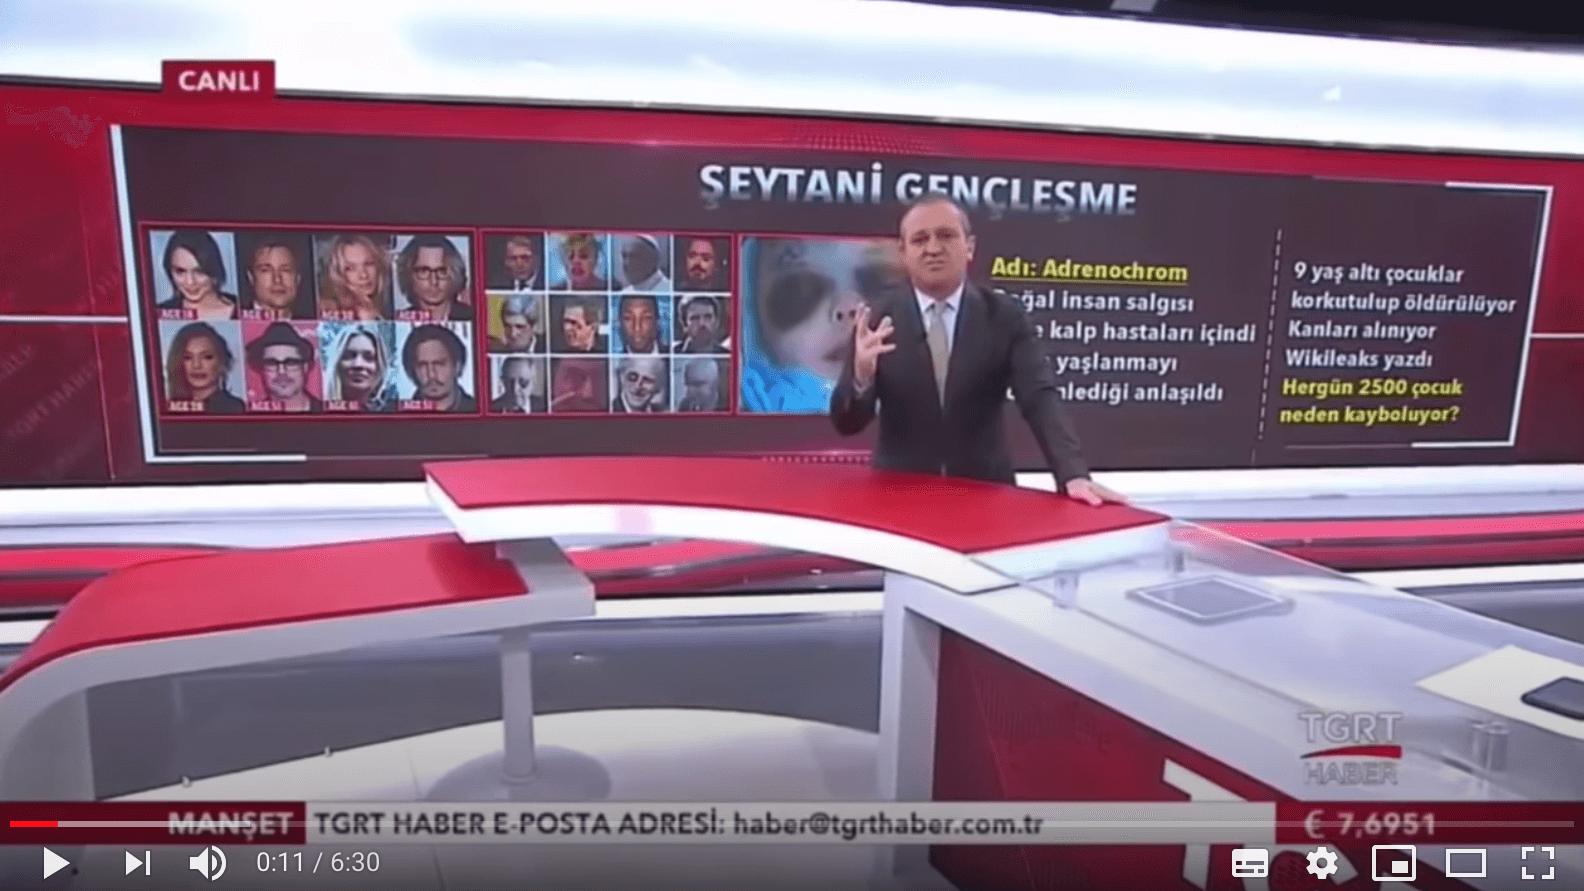 Der Beitrag des türkischen Nachrichtensenders TGRT Haber stellt falsche Behauptungen über Adrenochrom auf.